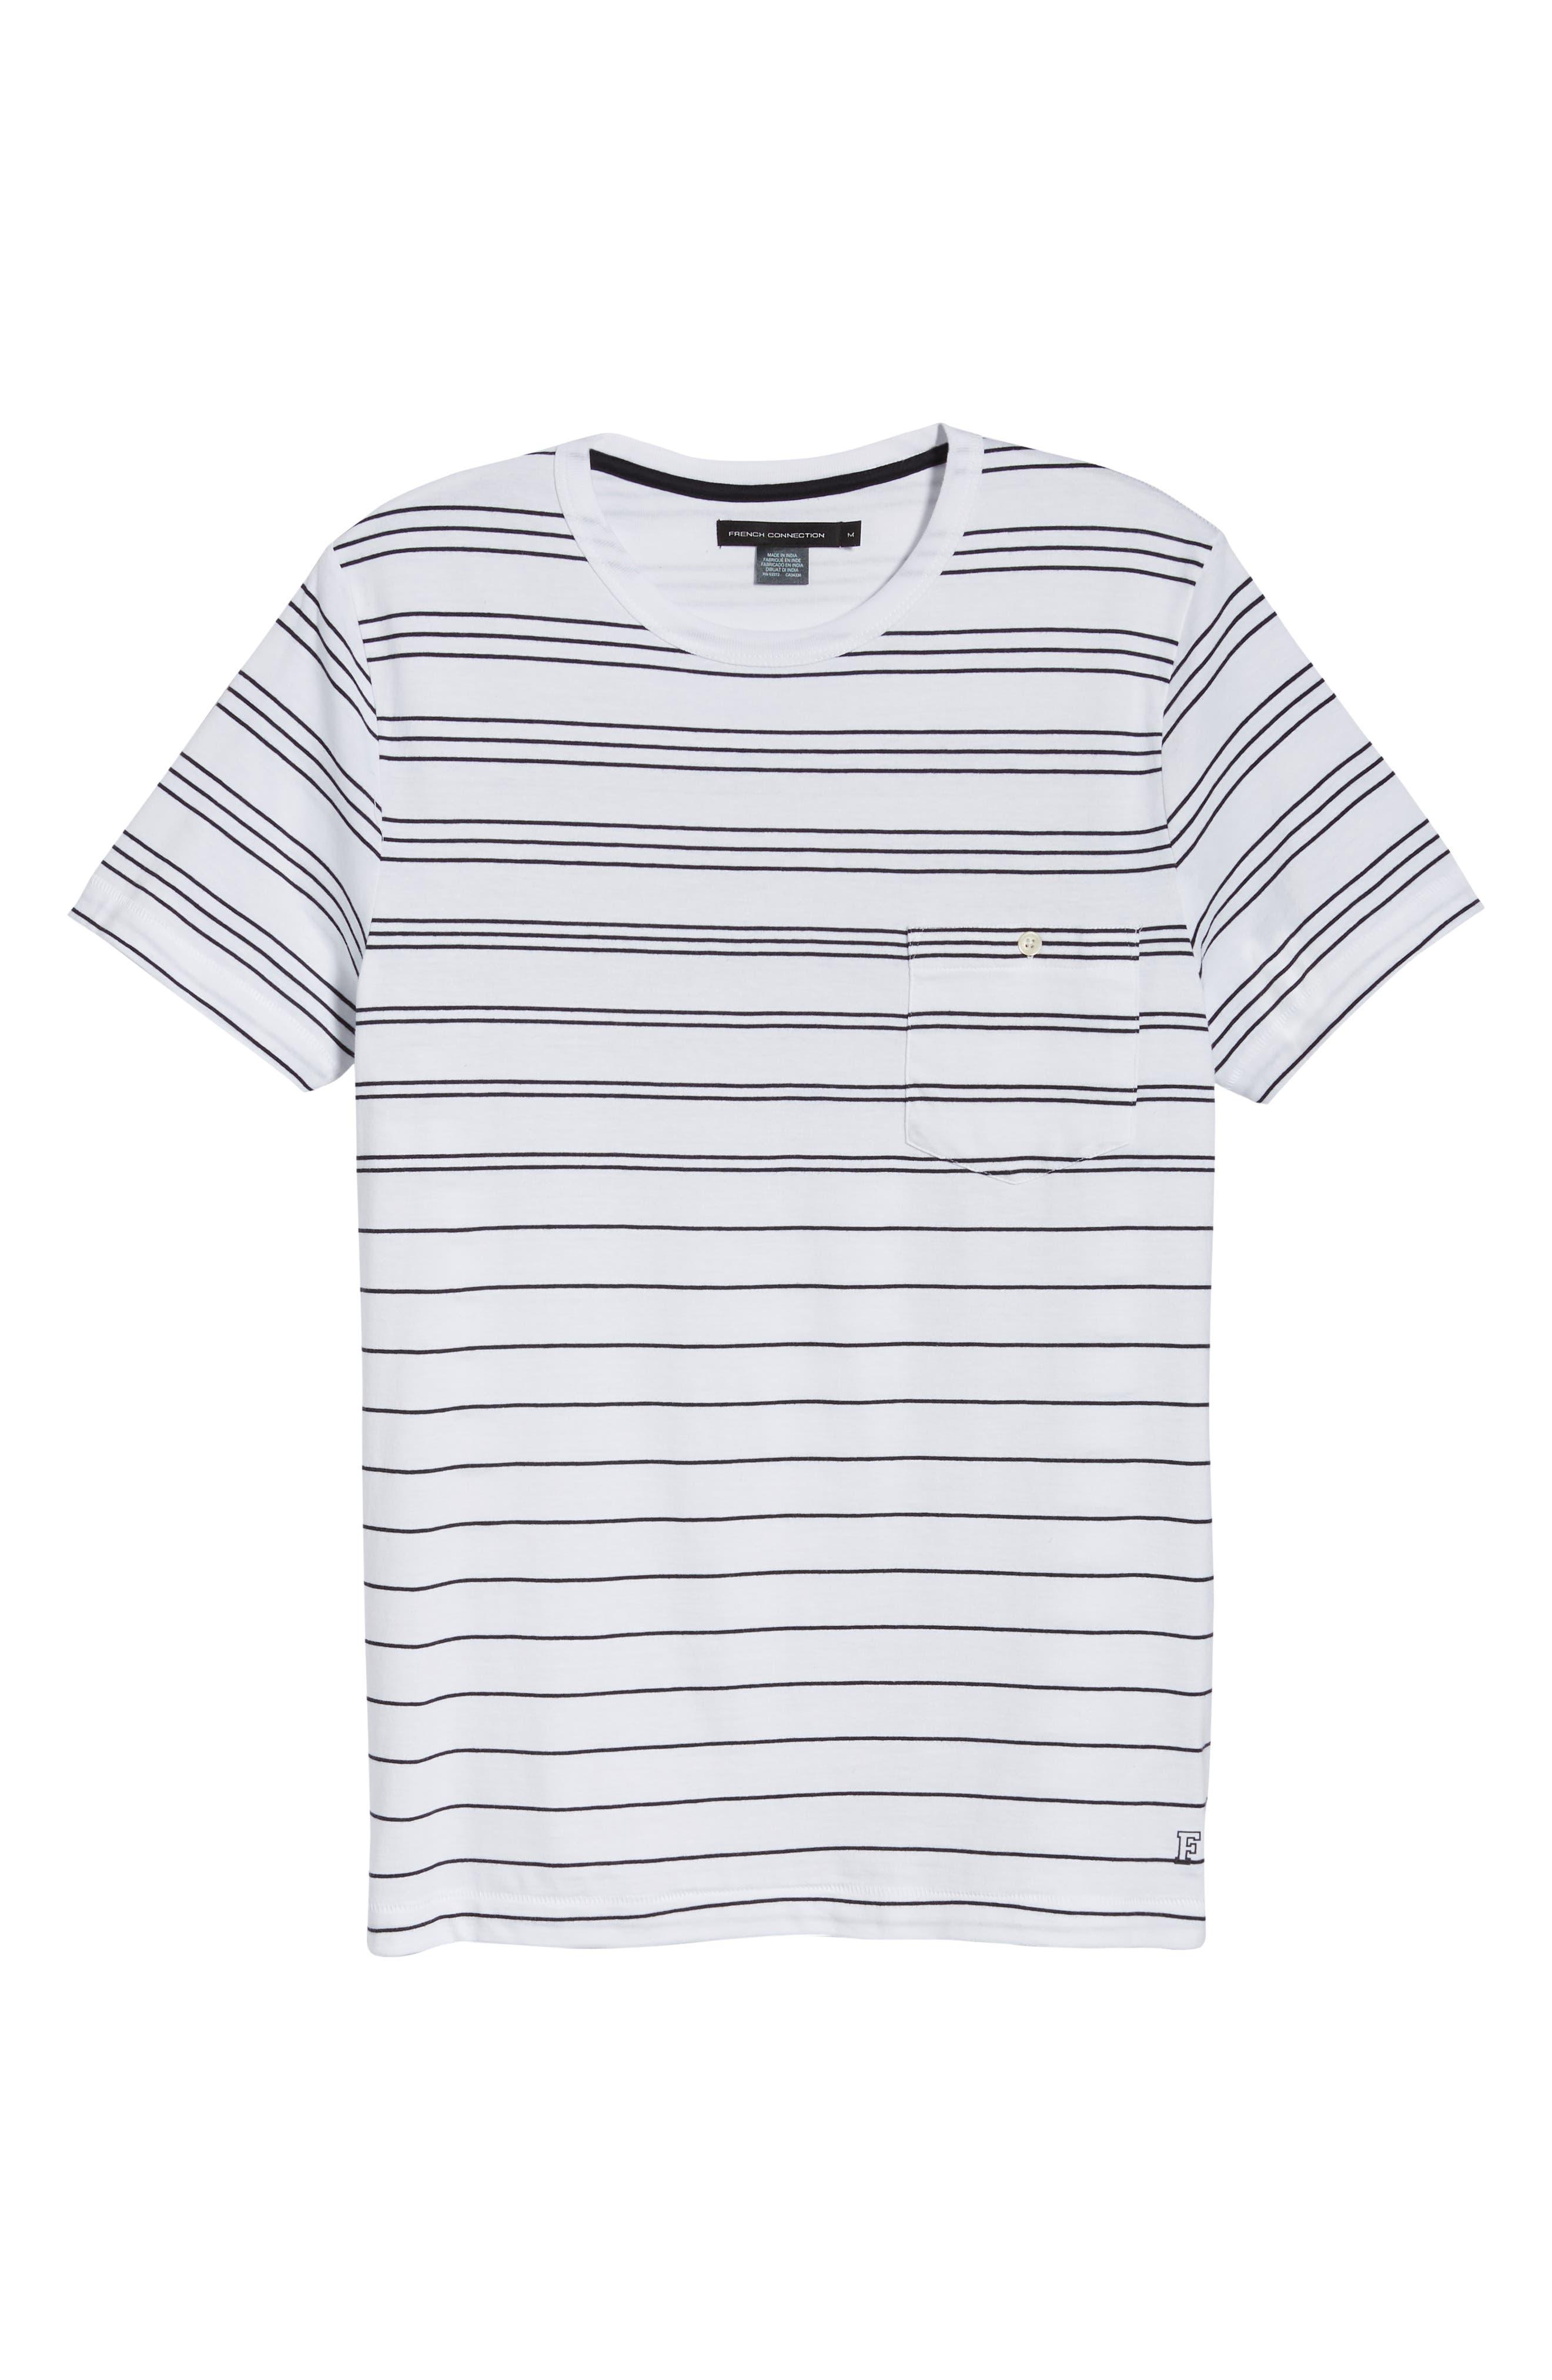 Summer Graded Stripe Pocket T-Shirt,                             Alternate thumbnail 6, color,                             WHITE MARINE BLUE